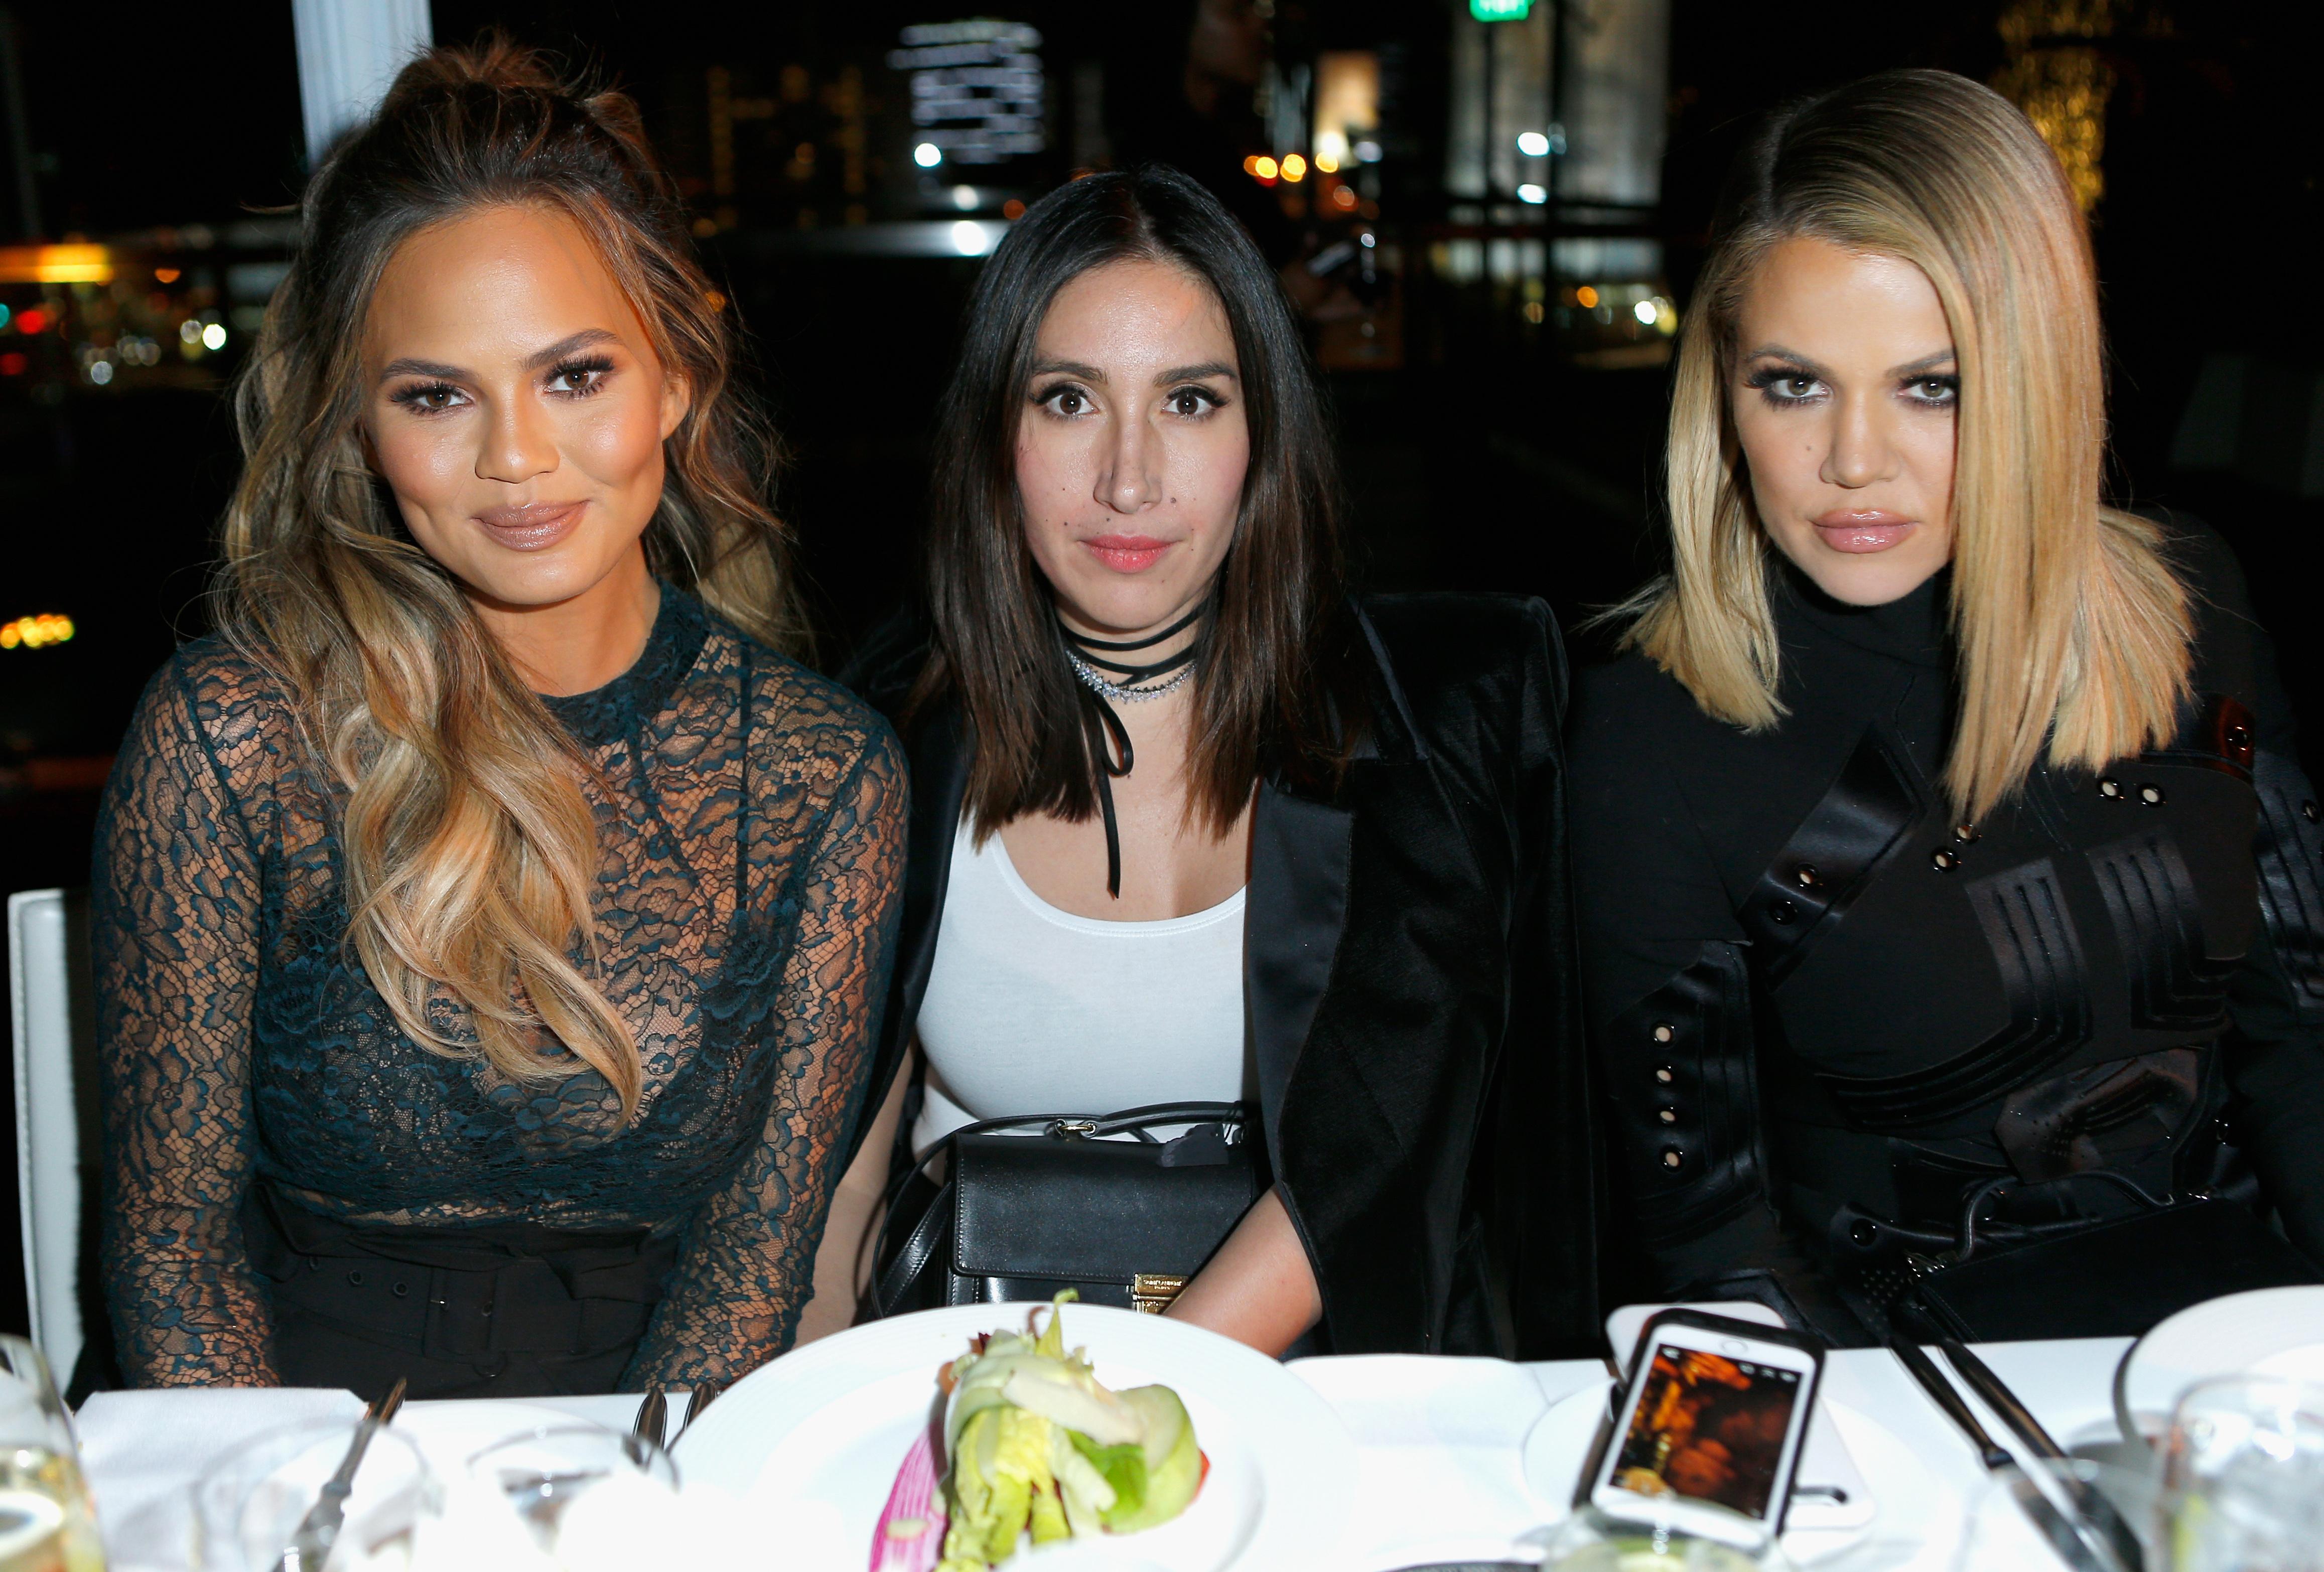 Jen Atkin Chrissy Teigen Khloe Kardashian Getty Images